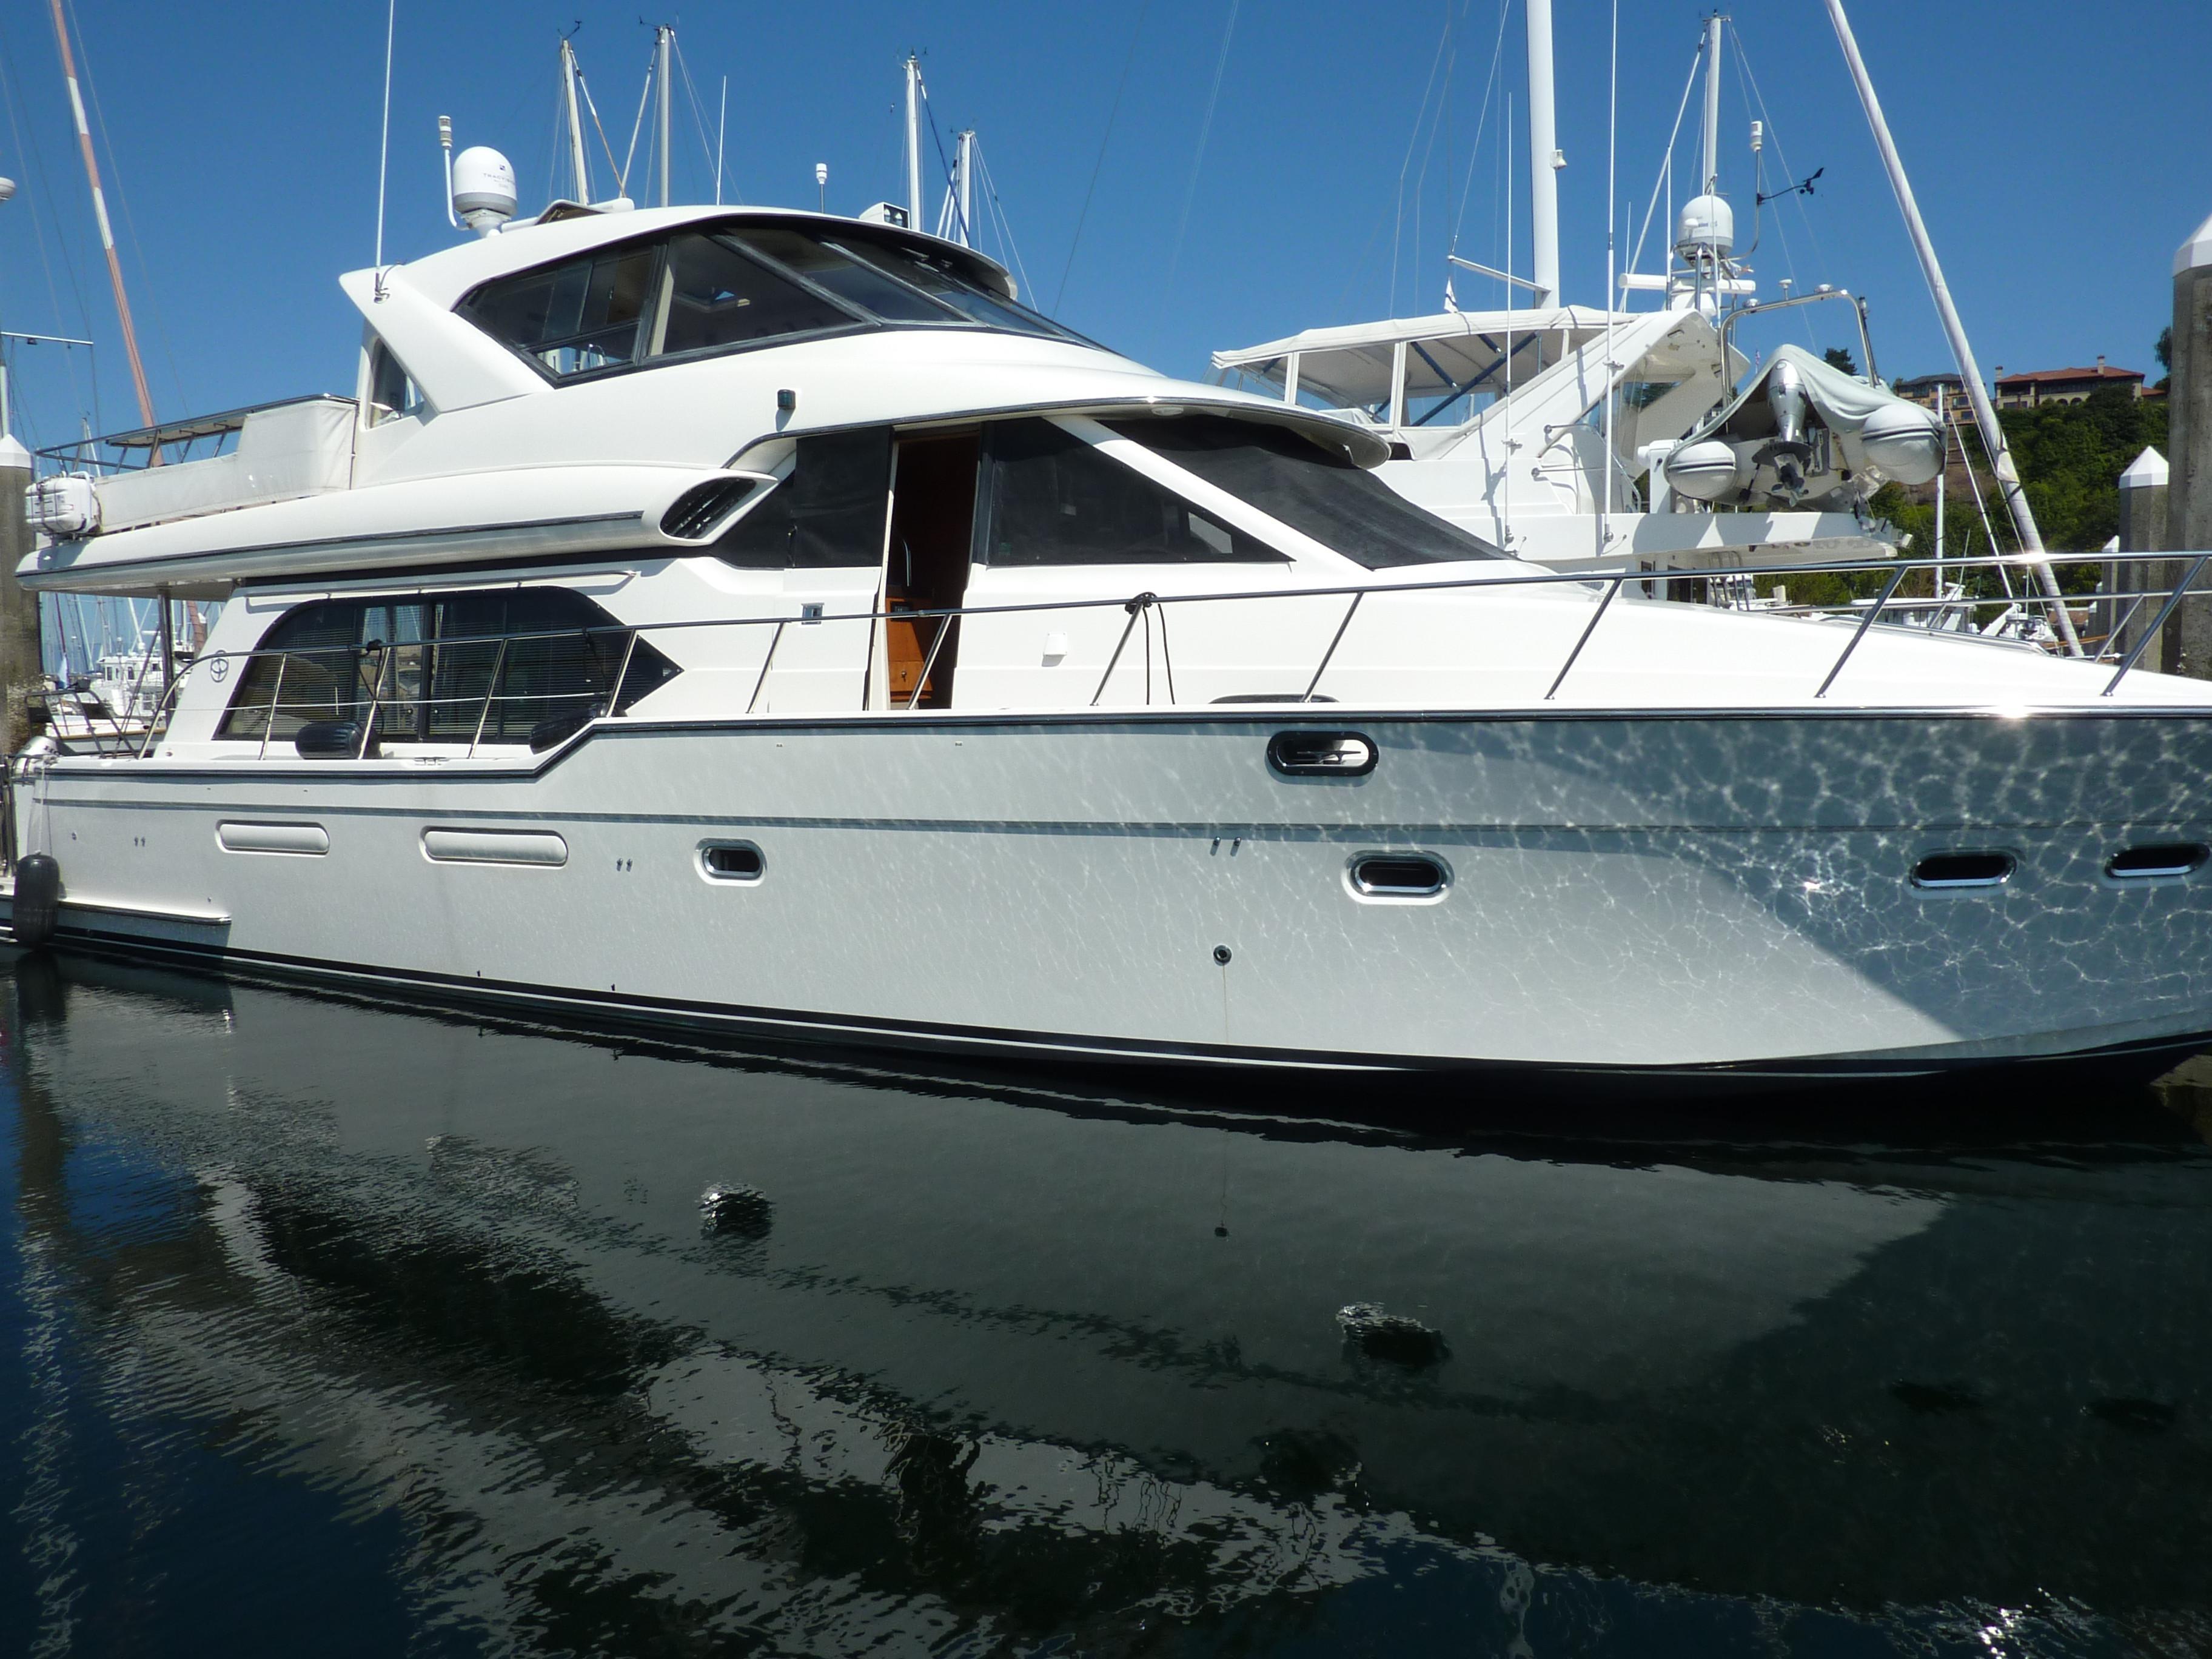 Used Bayliner Boats For Sale - Bayliner Yacht MLS